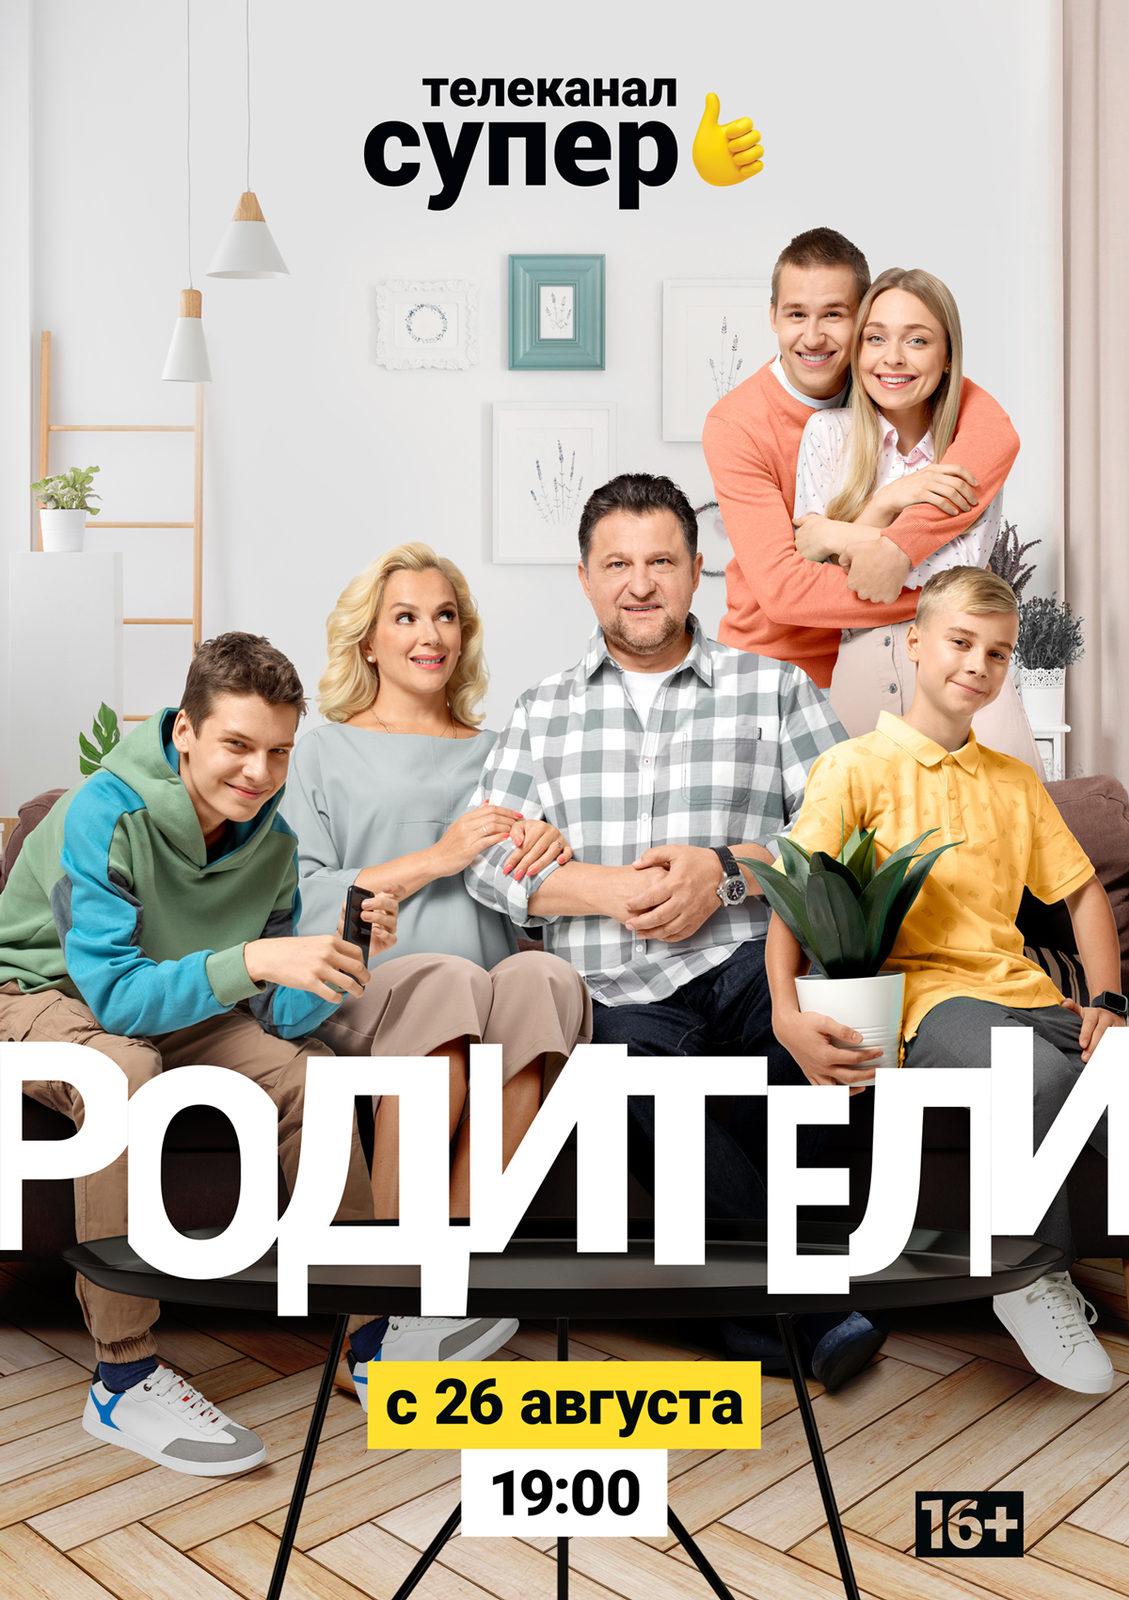 Продолжение «Родителей» с Марией Порошиной и Александром Самойленко выйдет 26 августа